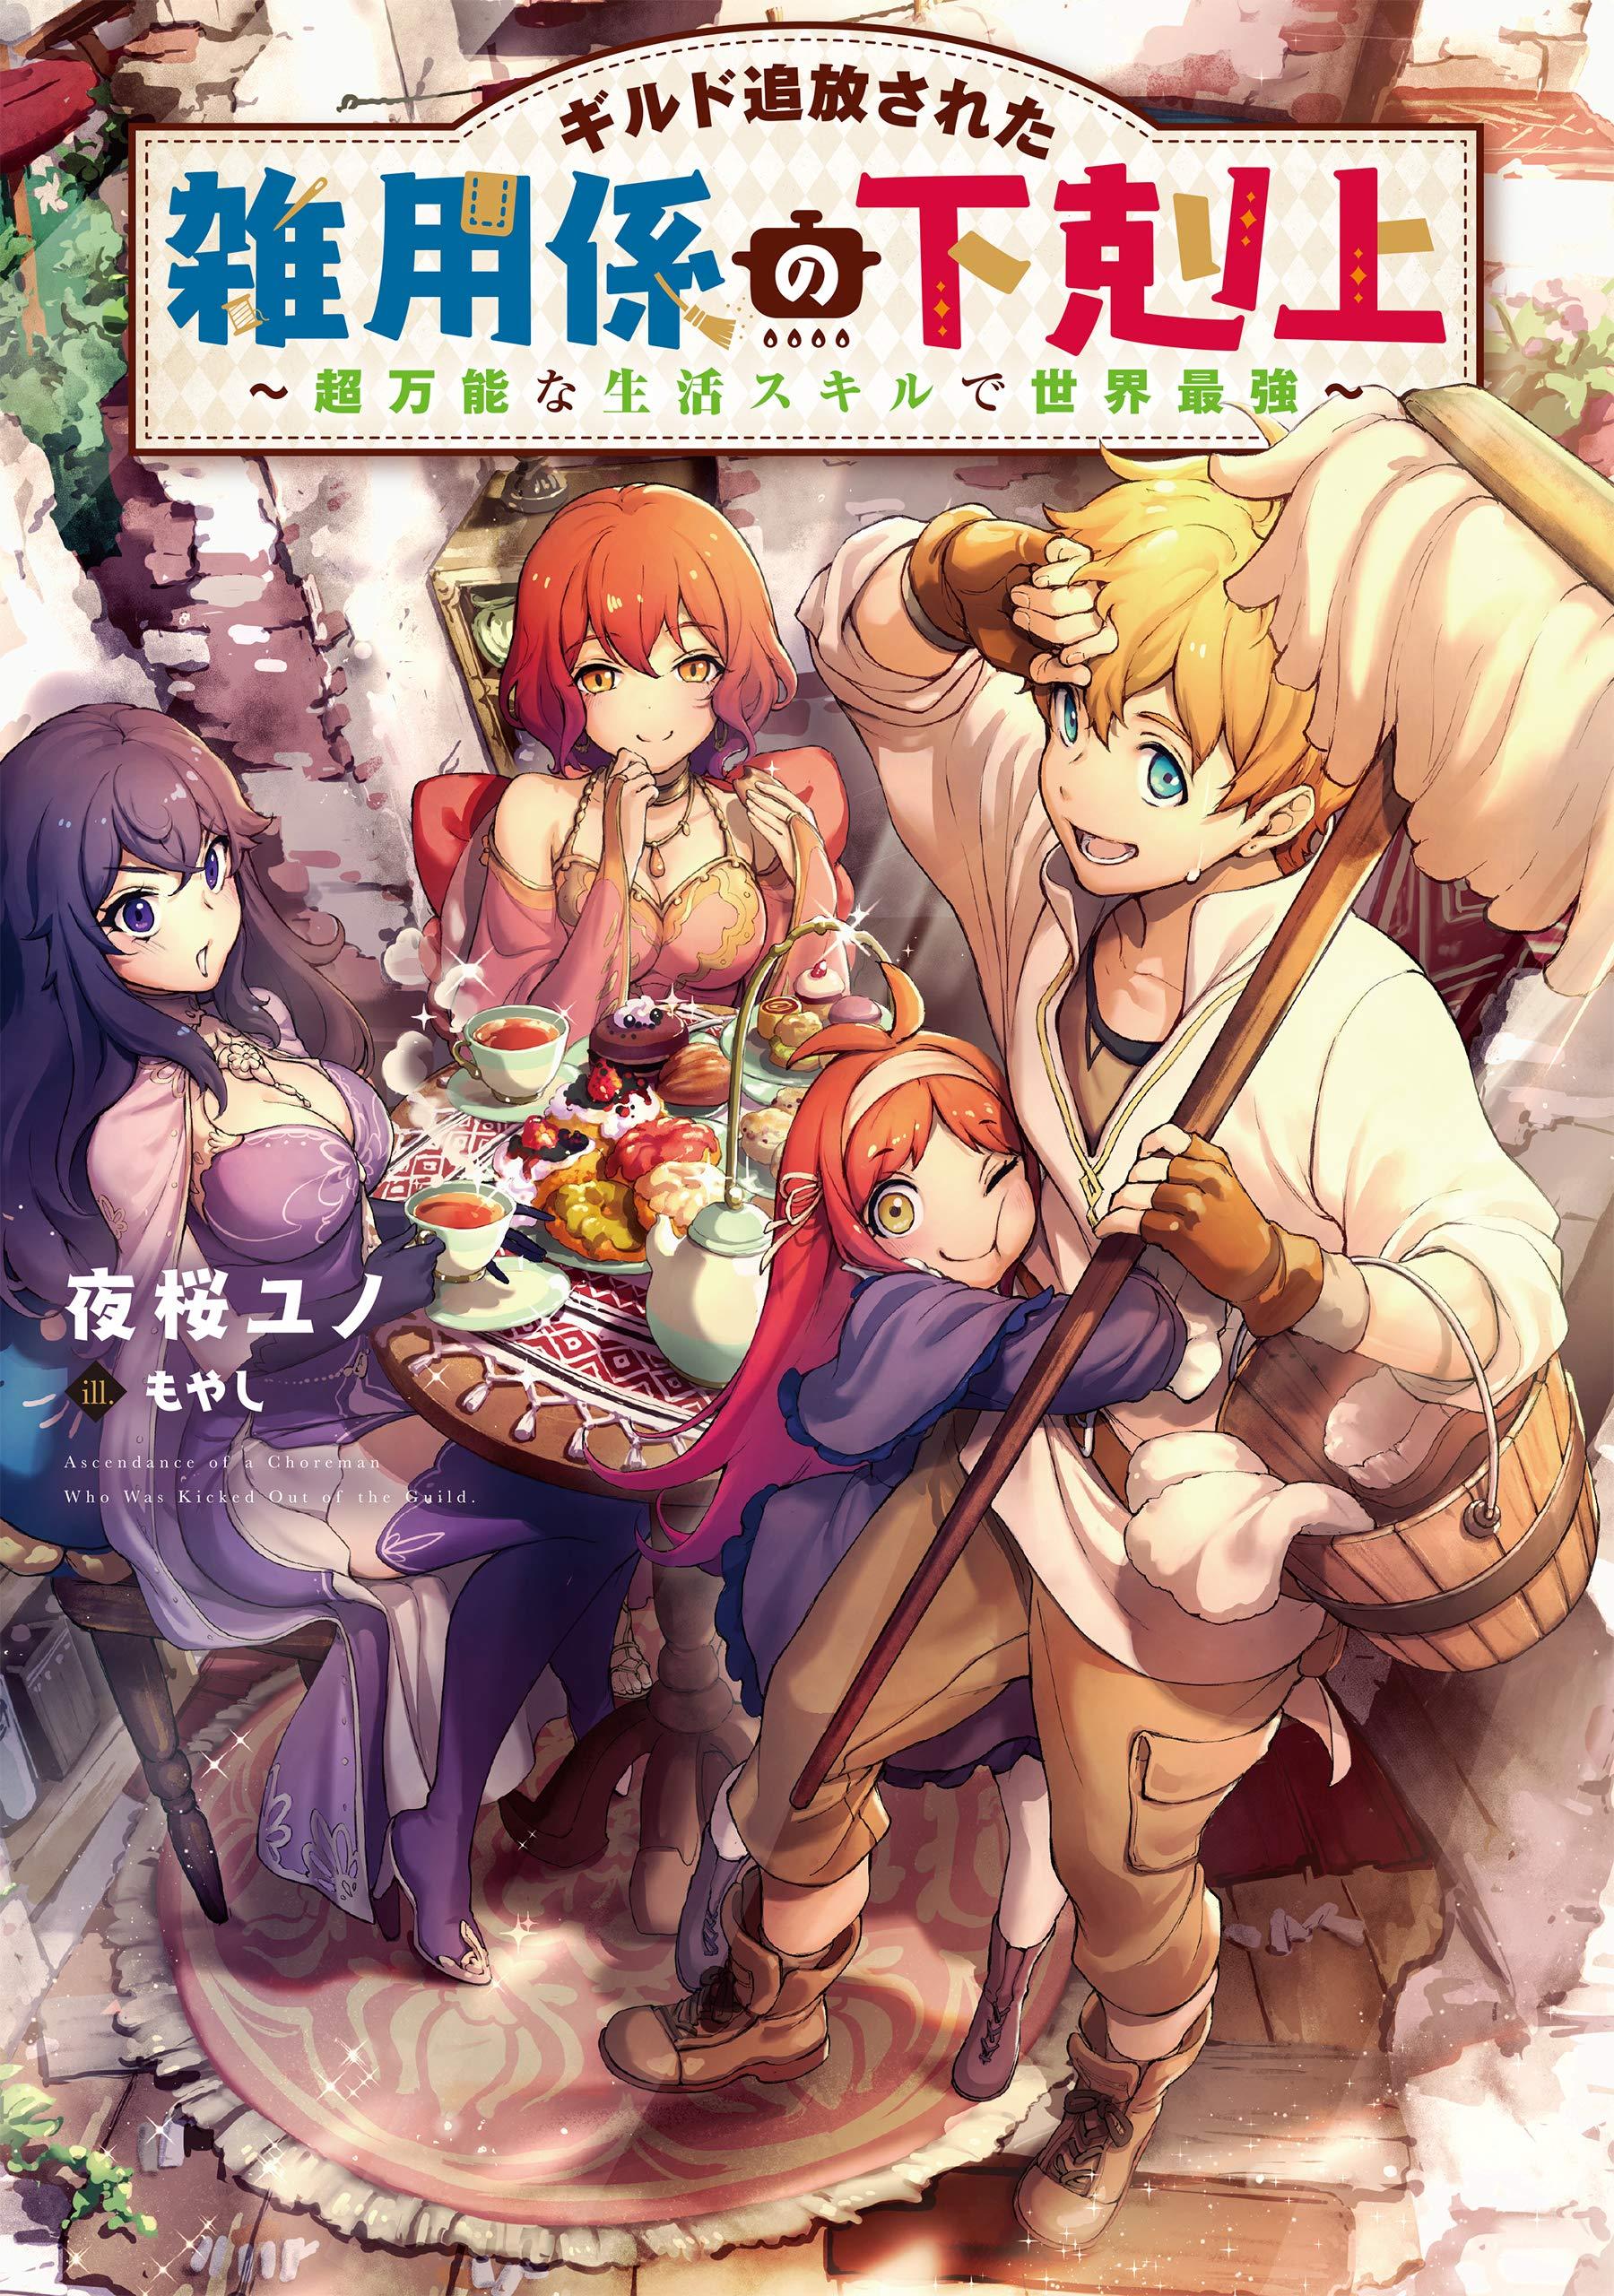 Guild Tsuihou Sareta Zatsuyougakari no Gekokujou: Chou Bannou na Seikatsu Skill de Sekai Saikyou (Manga)